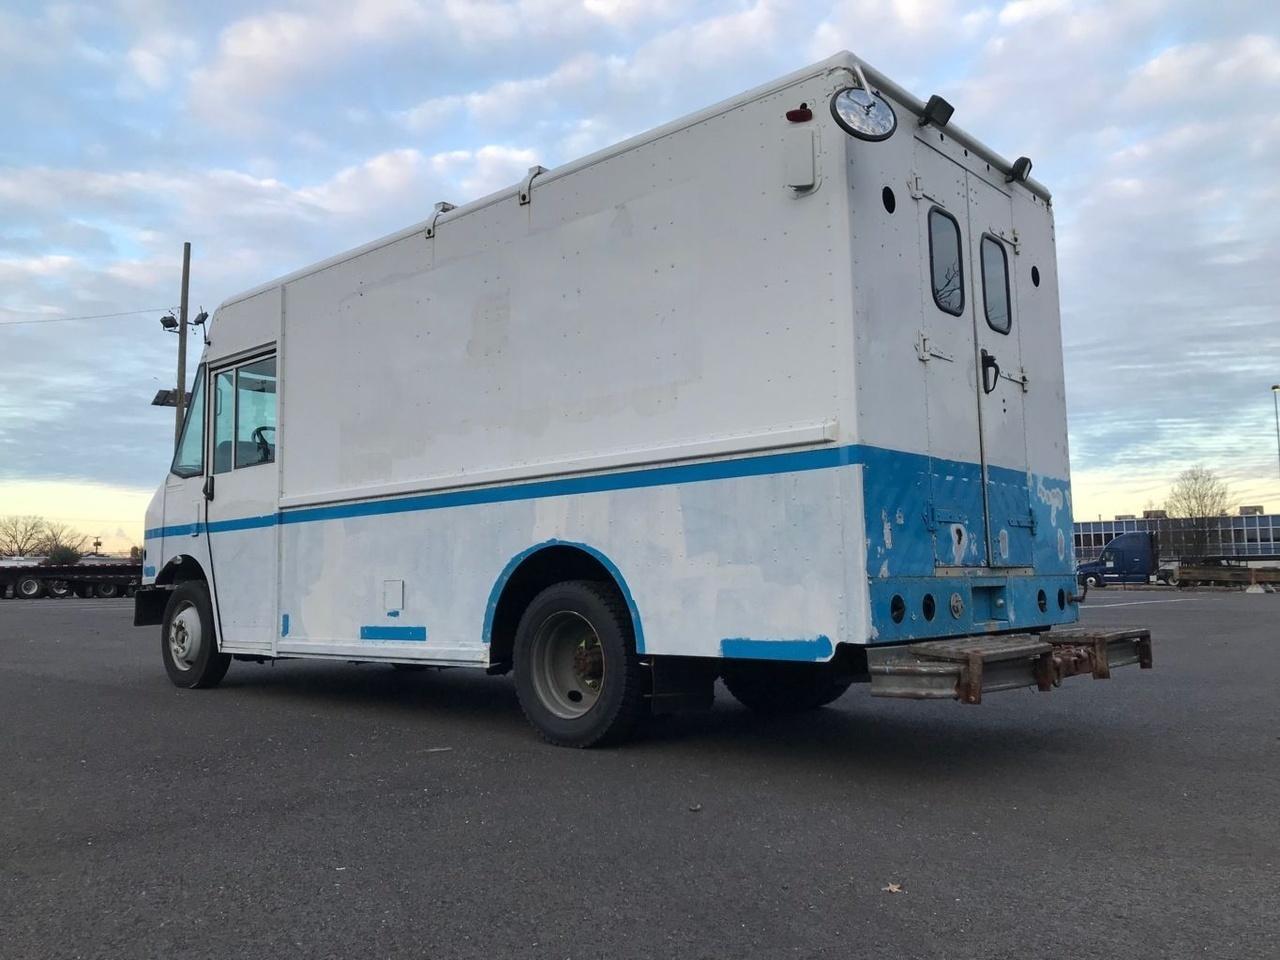 2004 Freightliner MT45 4x2 Van:Delivery/Passgr - Custom Truck One Source